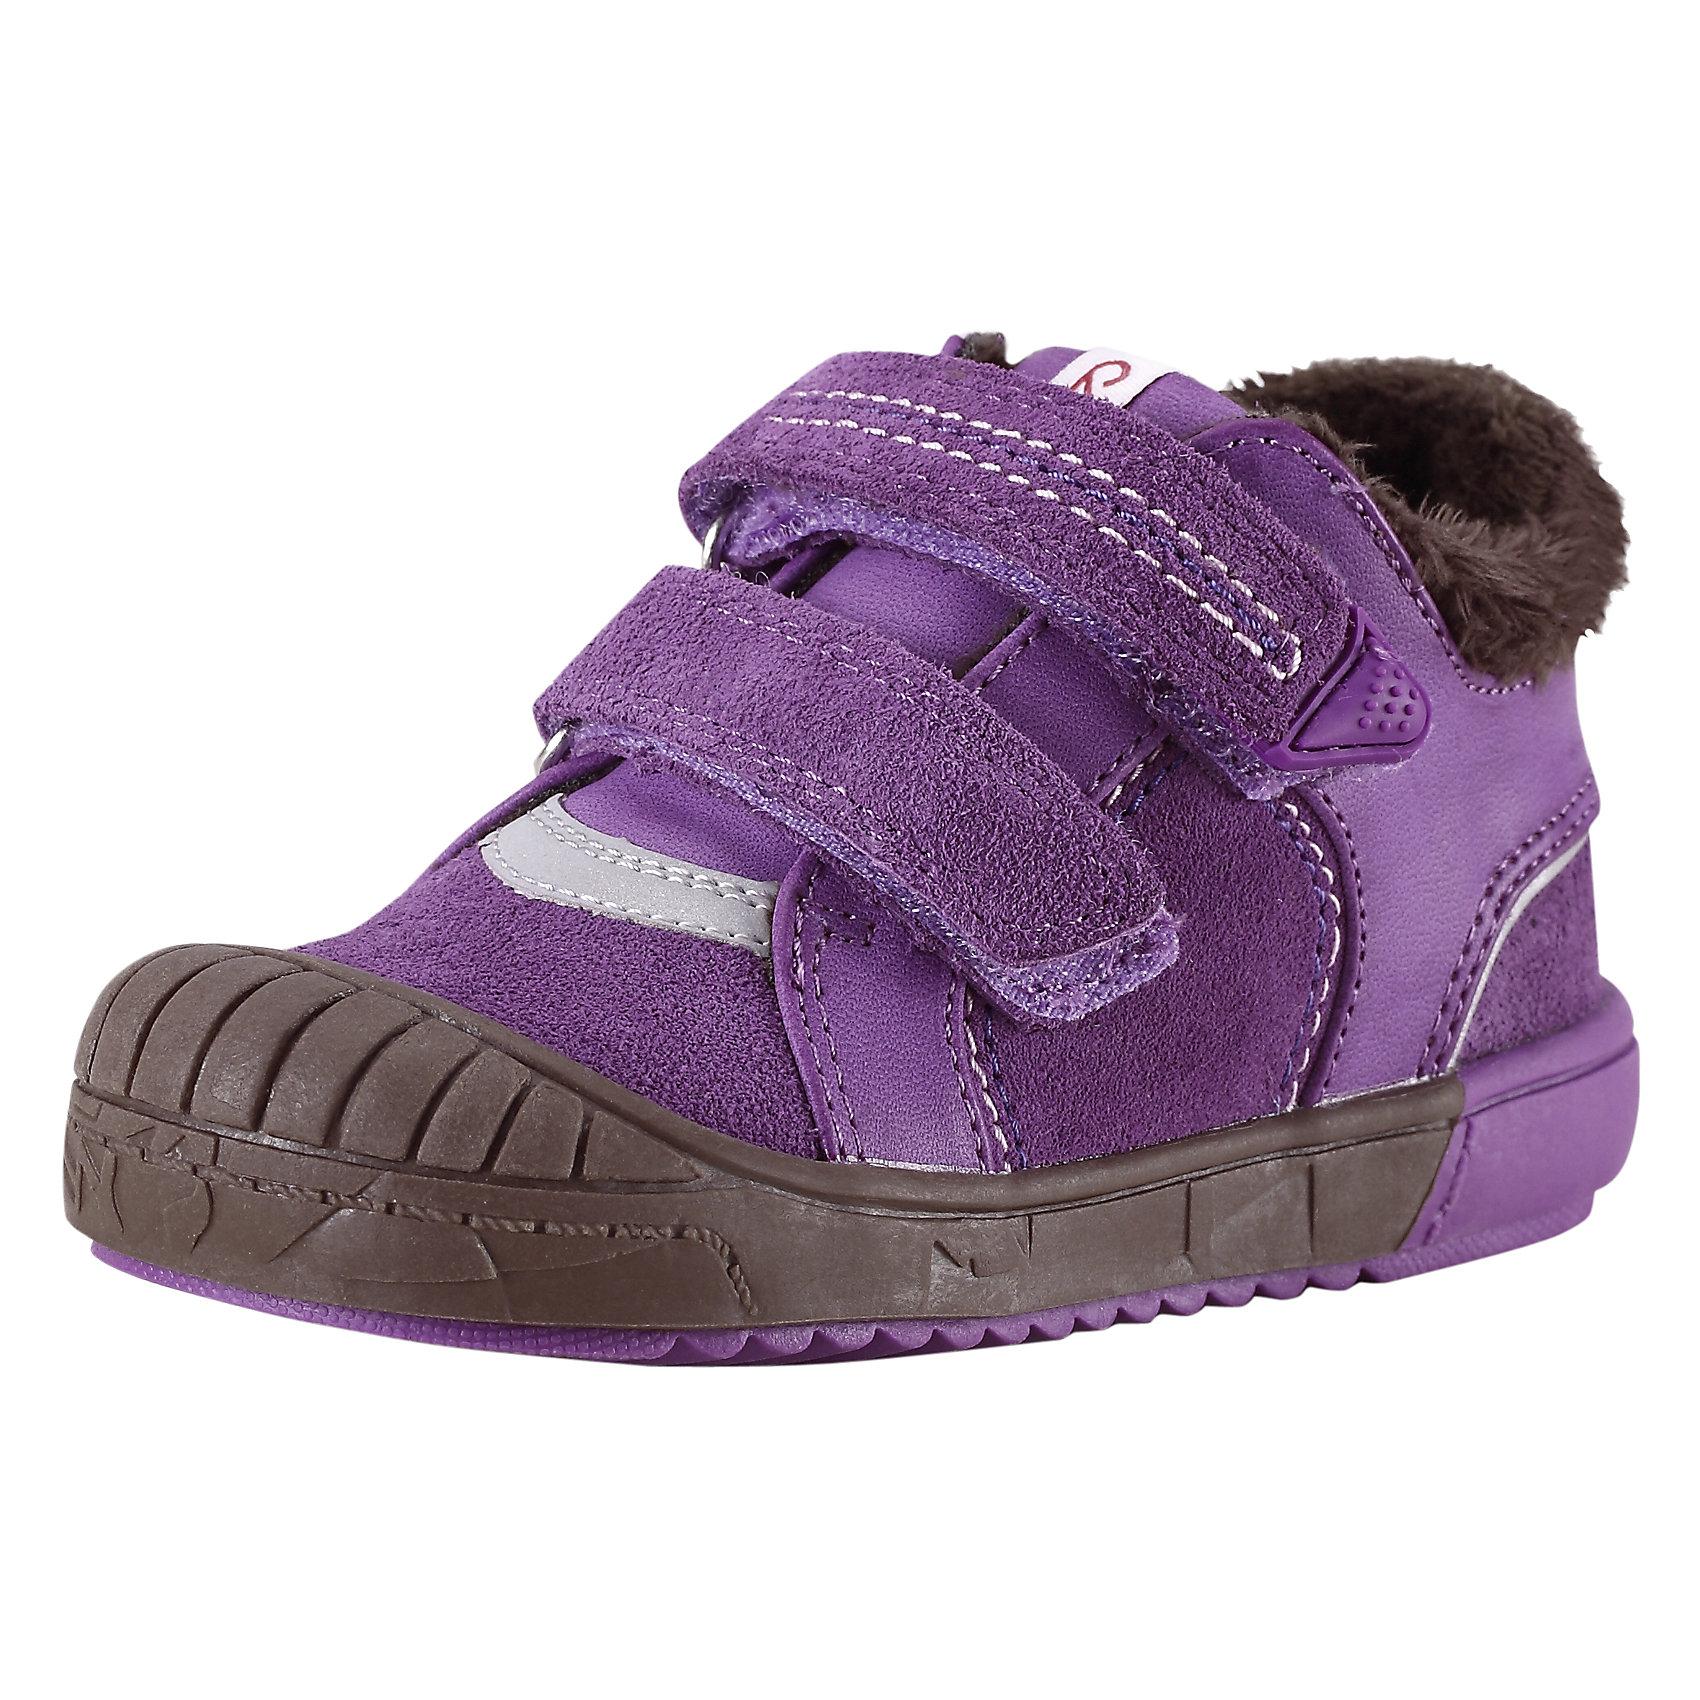 Ботинки  для девочки ReimaПредлагаем вашим малышам прекрасную осеннюю обувь на подкладке из тёплого текстильного меха! Верх этих стильных кроссовок выполнен из прочной замши и простого в уходе синтетического материала. Эта обувь имеет тёплые съёмные стельки с удобным рисунком Happy Fit, который помогает правильно определить размер и измерить быстро растущую ножку ребёнка. Благодаря двойным ремешкам на липучках кроссовки легко обуваются и регулируются по ножке. Подошва из термопластичного каучука защищает маленькие пальчики во время весёлой прогулки и гарантирует хорошее сцепление с поверхностью. Светоотражающие детали обеспечивают дополнительную безопасность во время приключений после захода солнца.<br><br>Дополнительная информация:<br><br>Новинка от Reima® - кожаная обувь для малышей<br>Верх из замши и синтетического материала<br>Подкладка из текстильного меха<br>Ремешки на липучках легко застёгиваются<br>Светоотражающие детали<br>Стельки вынимаются, рисунок Happy Fit помогает правильно определить размер ноги<br>Гибкая подошва из термопластичного каучука<br><br>Ботинки  для девочки Reima (Рейма) можно купить в нашем магазине.<br><br>Ширина мм: 262<br>Глубина мм: 176<br>Высота мм: 97<br>Вес г: 427<br>Цвет: фиолетовый<br>Возраст от месяцев: 15<br>Возраст до месяцев: 18<br>Пол: Женский<br>Возраст: Детский<br>Размер: 22,20,25,27,26,21,23,24<br>SKU: 4414359